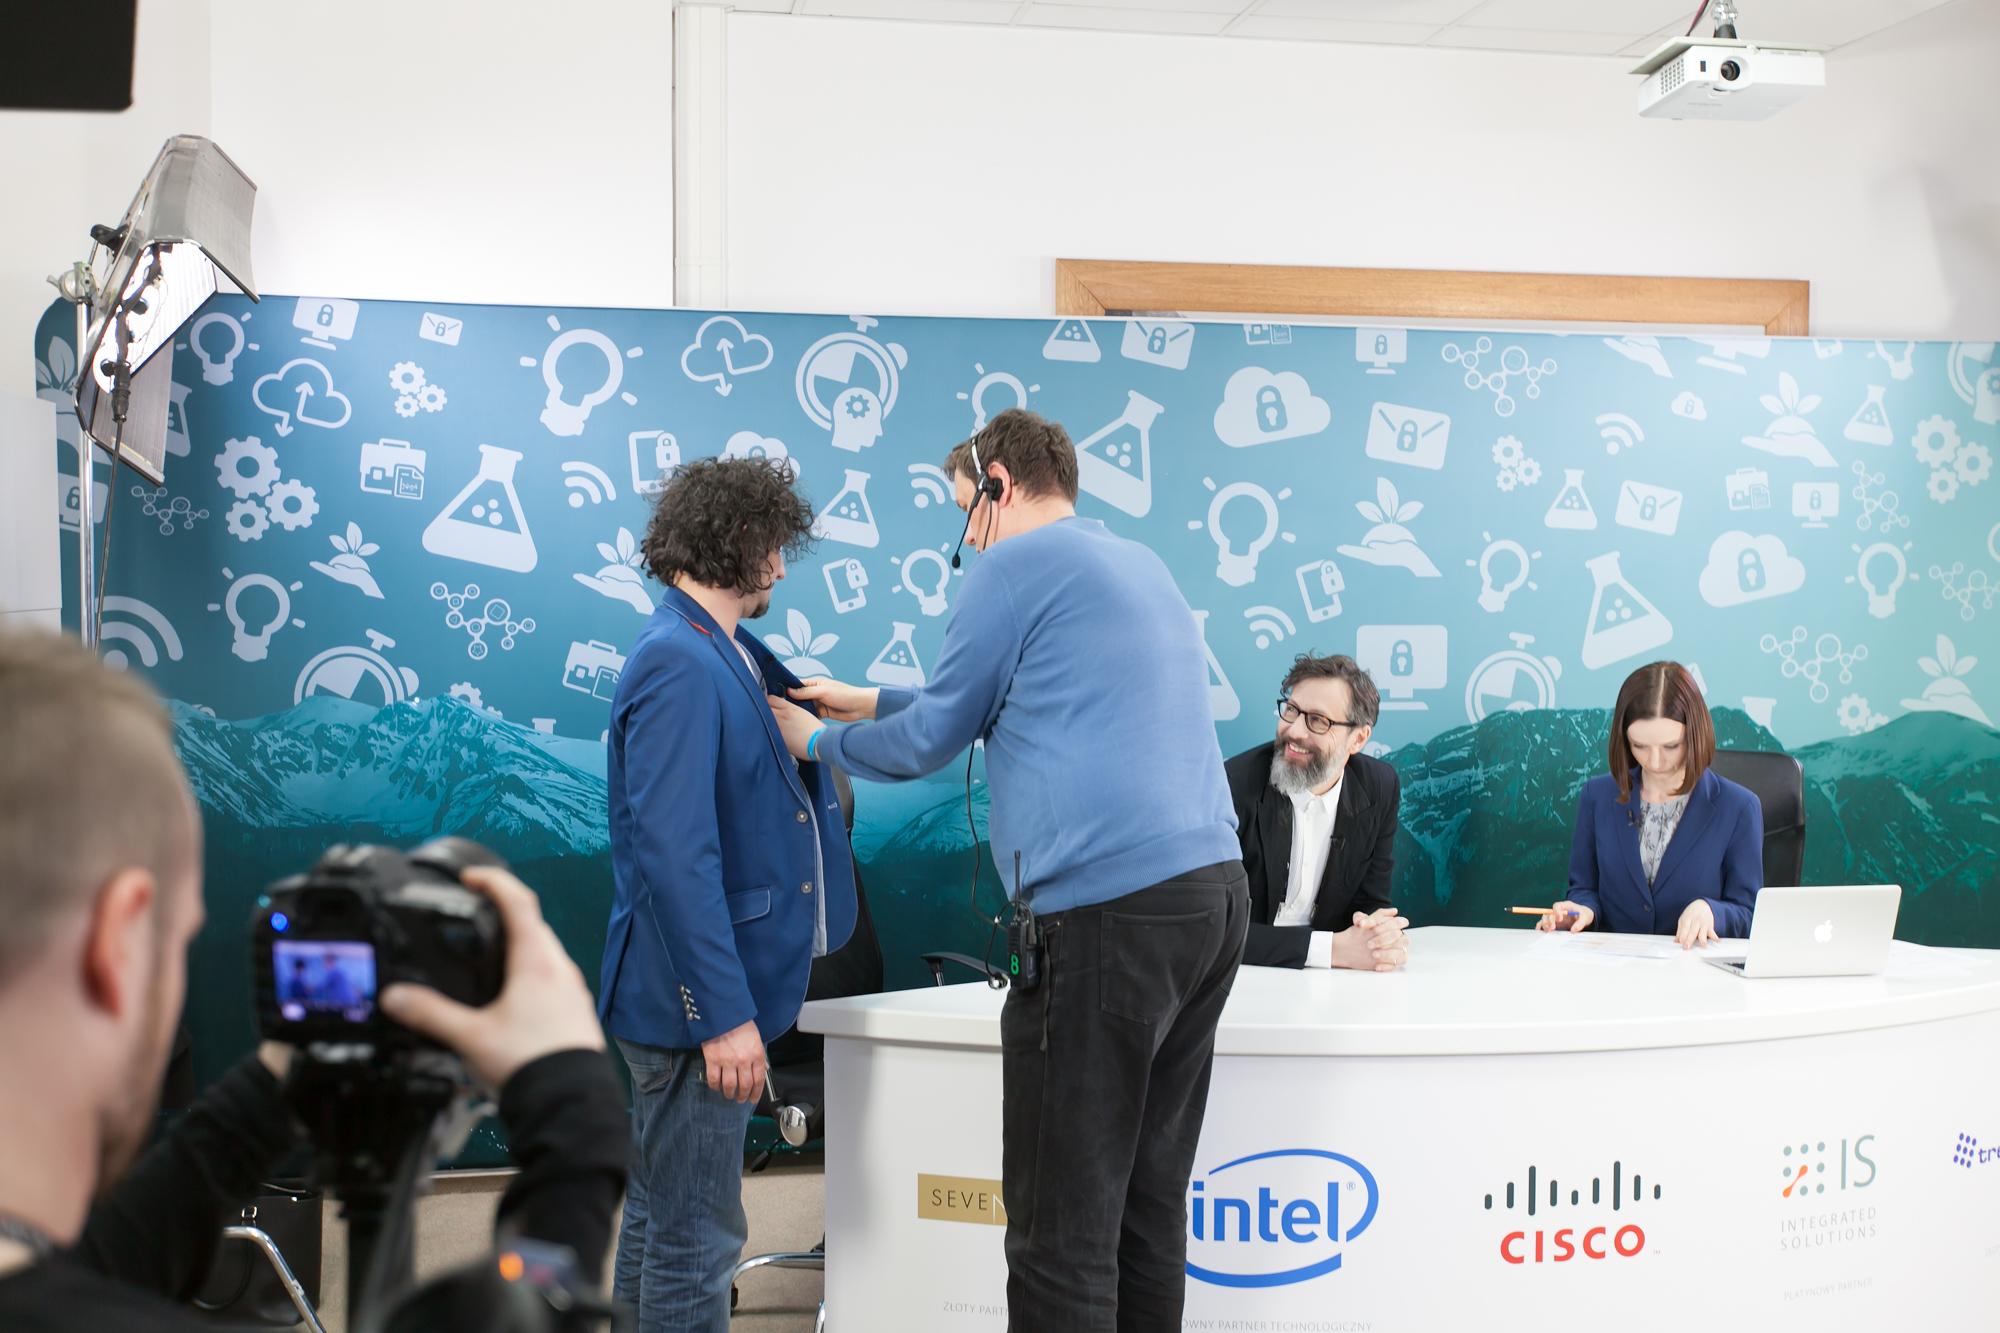 zdjęcie making of Cisco forum Szymon Majewski Mariusz Kałamaga Magdalena Kujawa